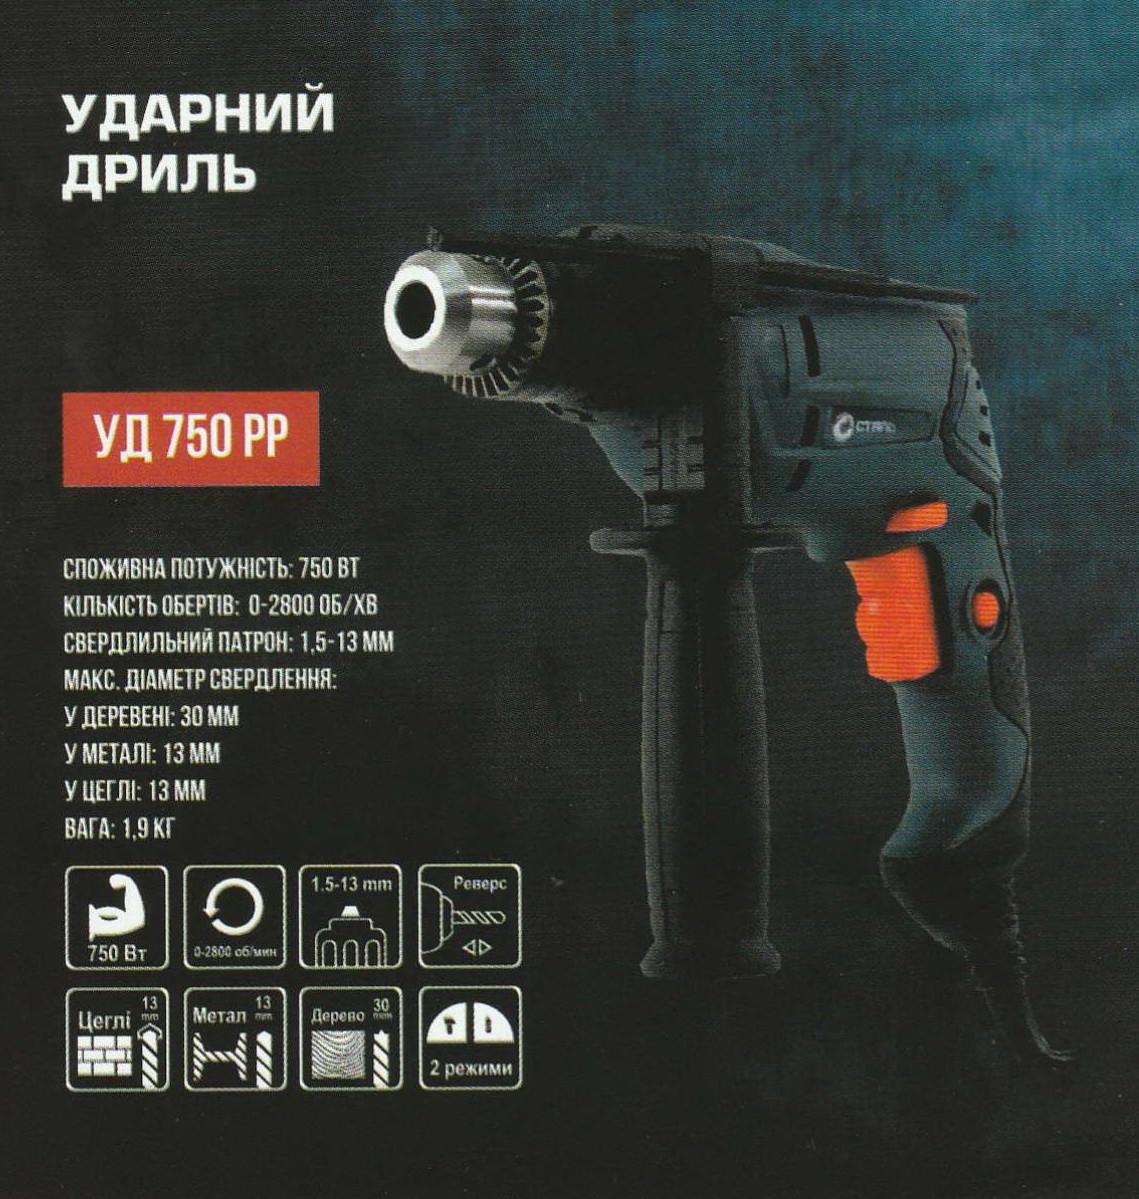 Дрель ударная СТАЛЬ УД 750 РР мощностью 750 Вт